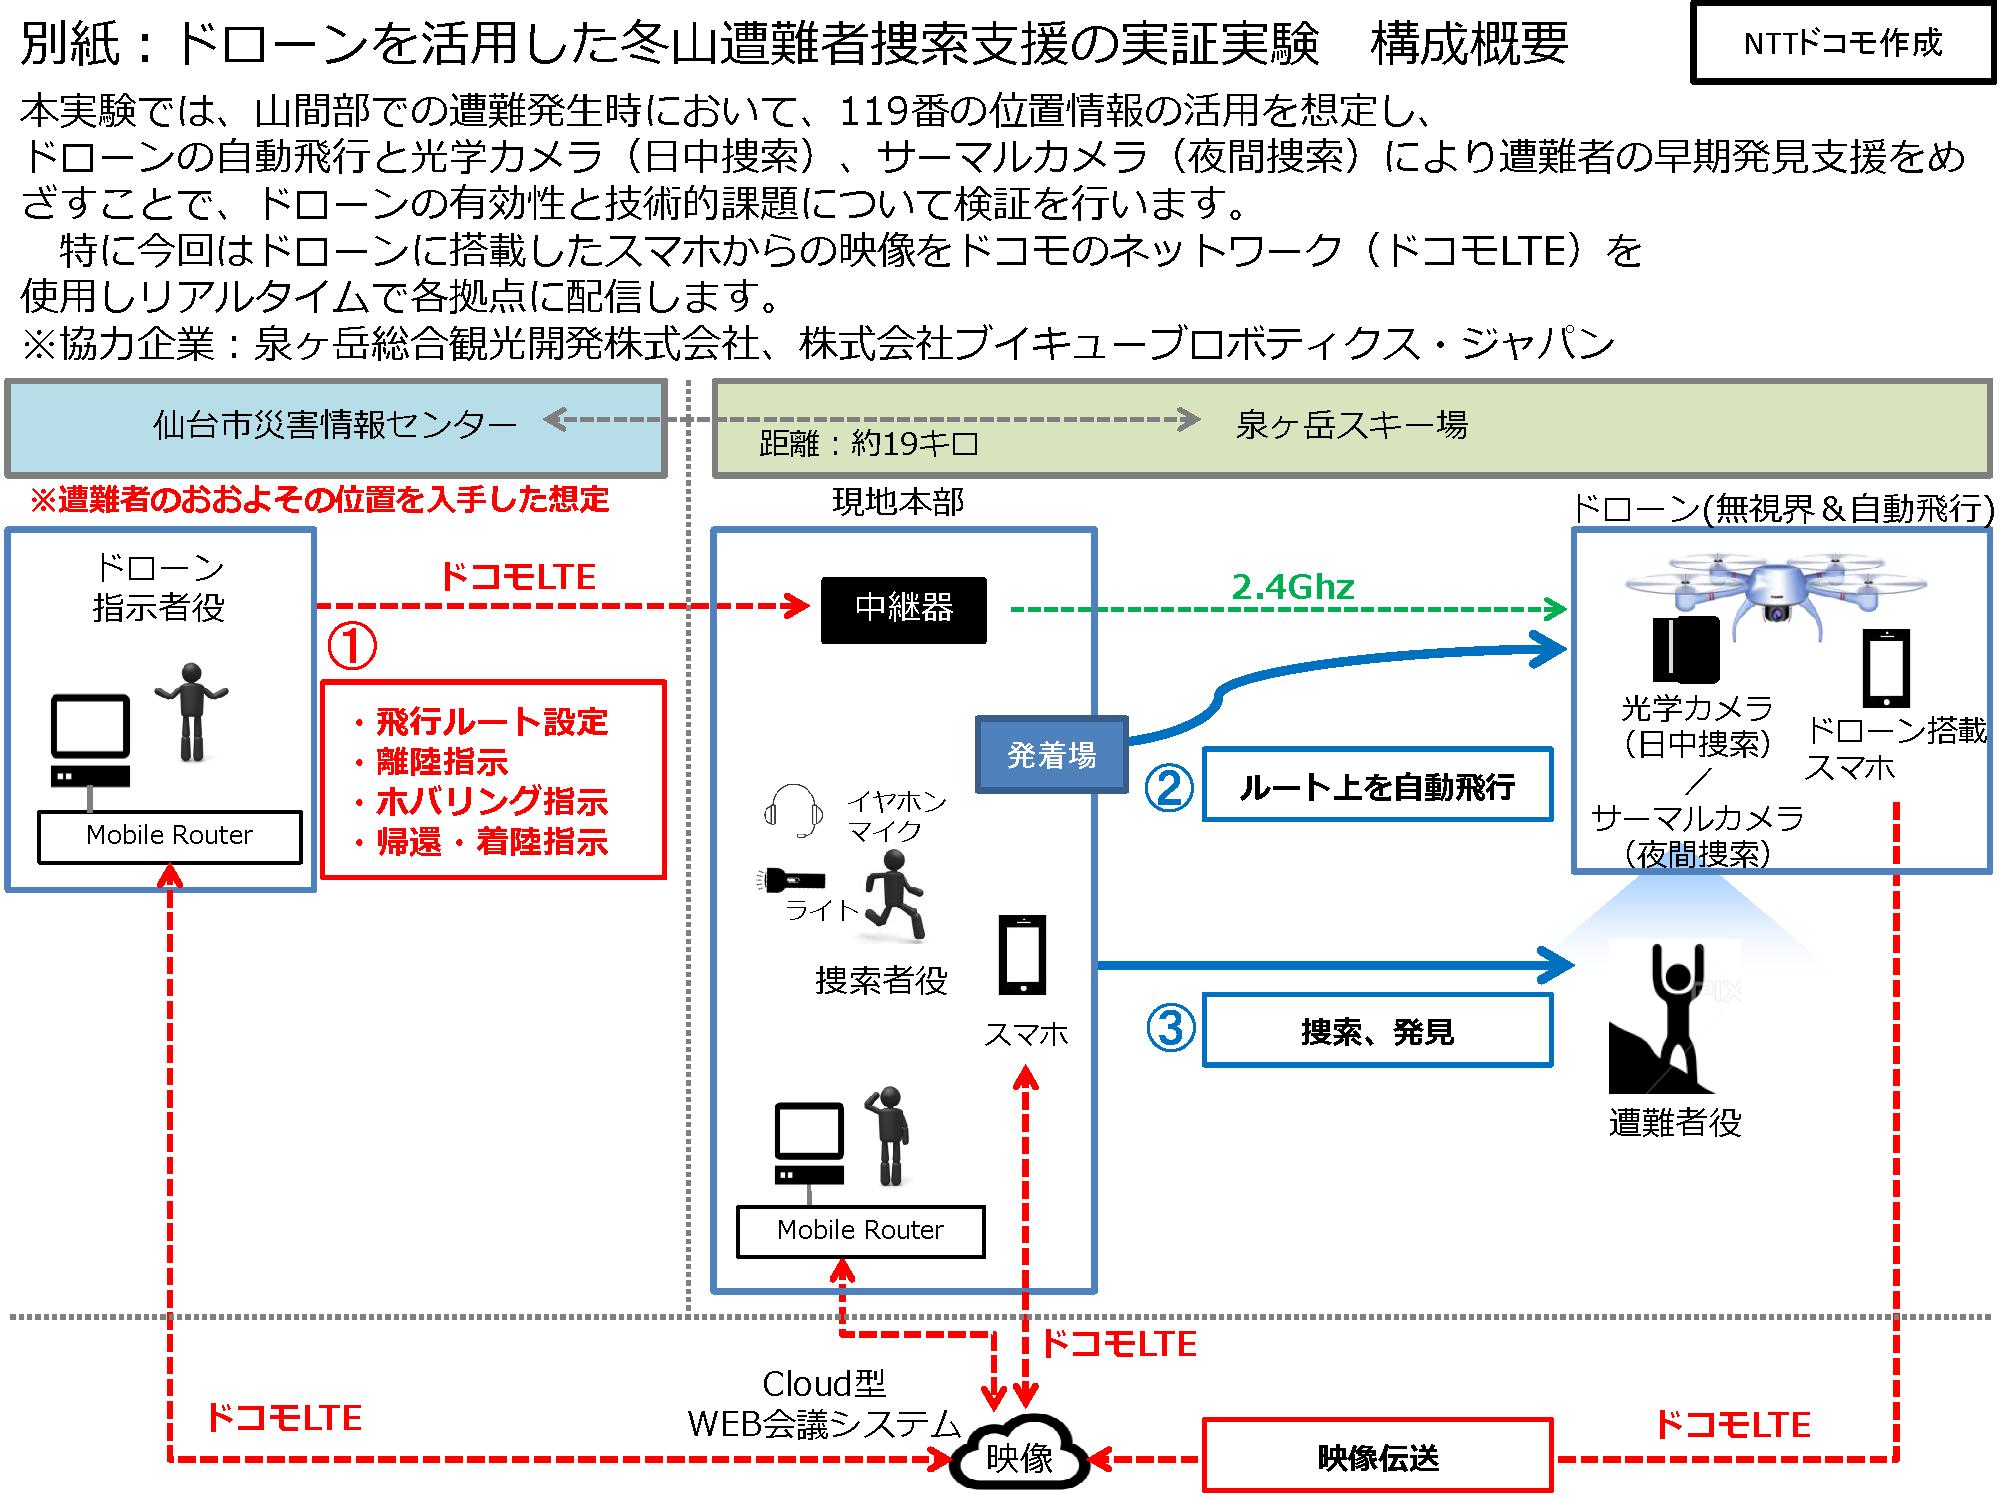 実証実験イメージ((株)NTTドコモ作成)